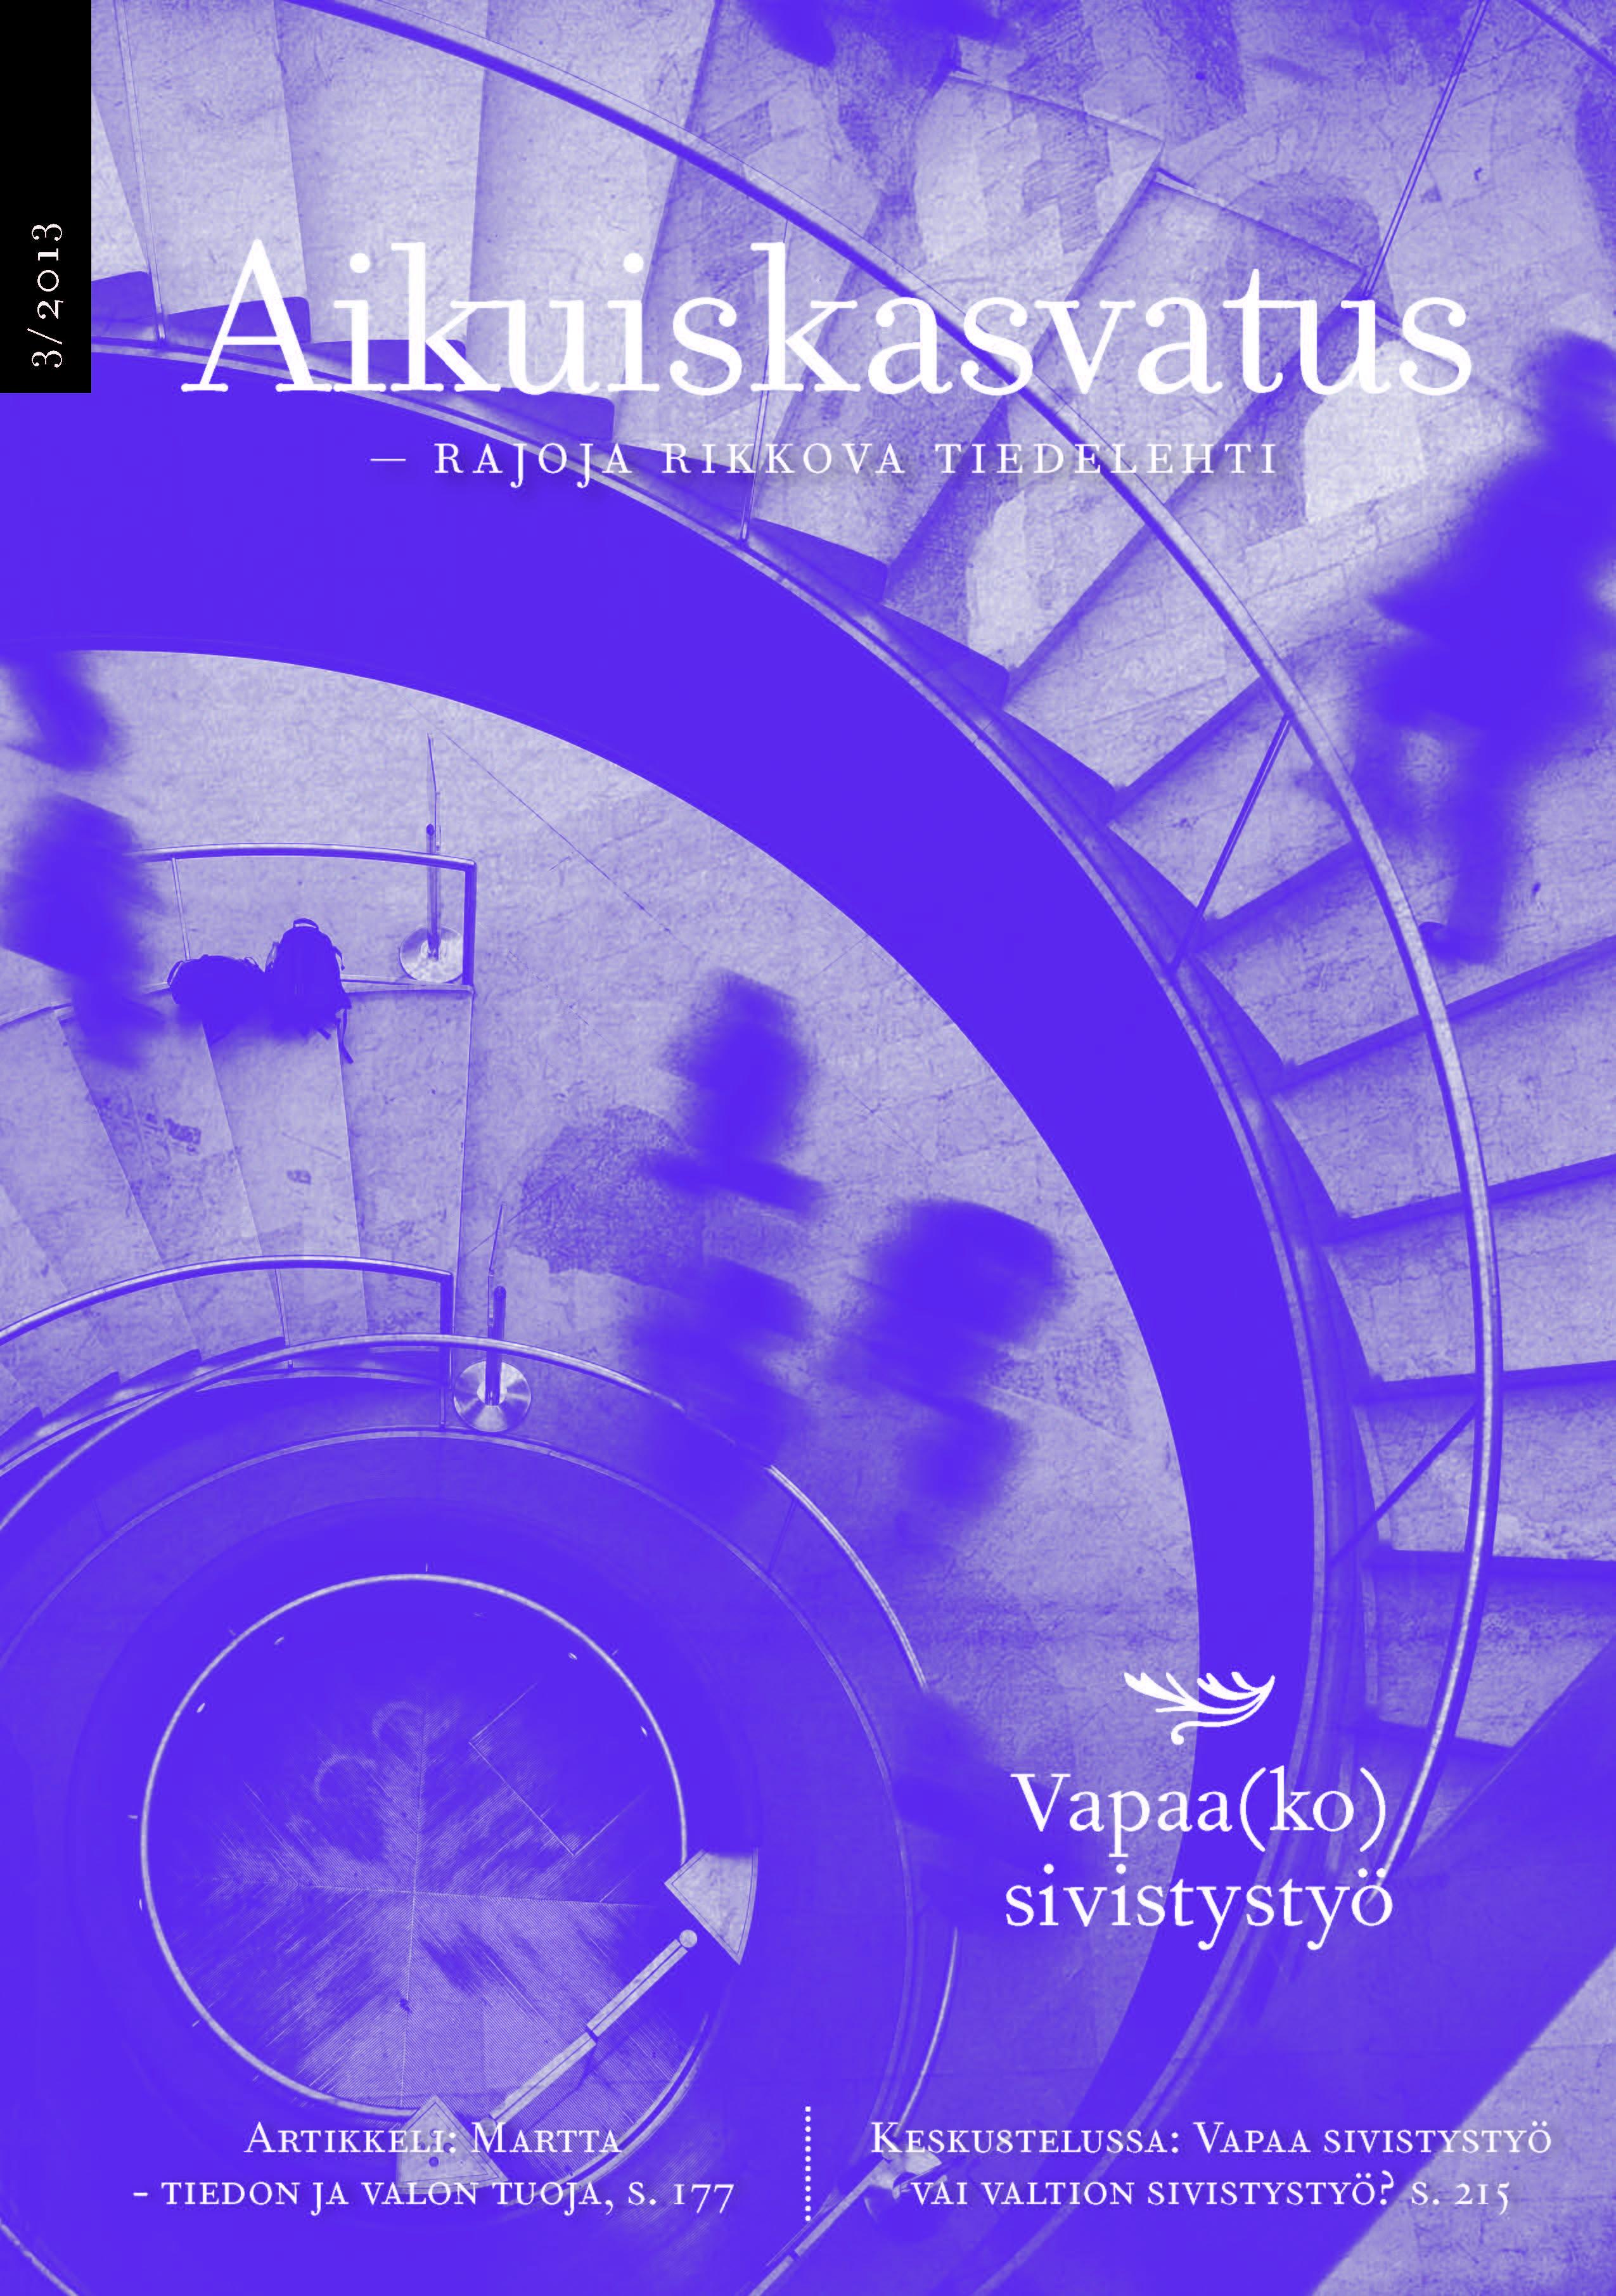 Näytä Vol 33 Nro 3 (2013): Aikuiskasvatus 3/2013: Vapaa(ko) sivistystyö